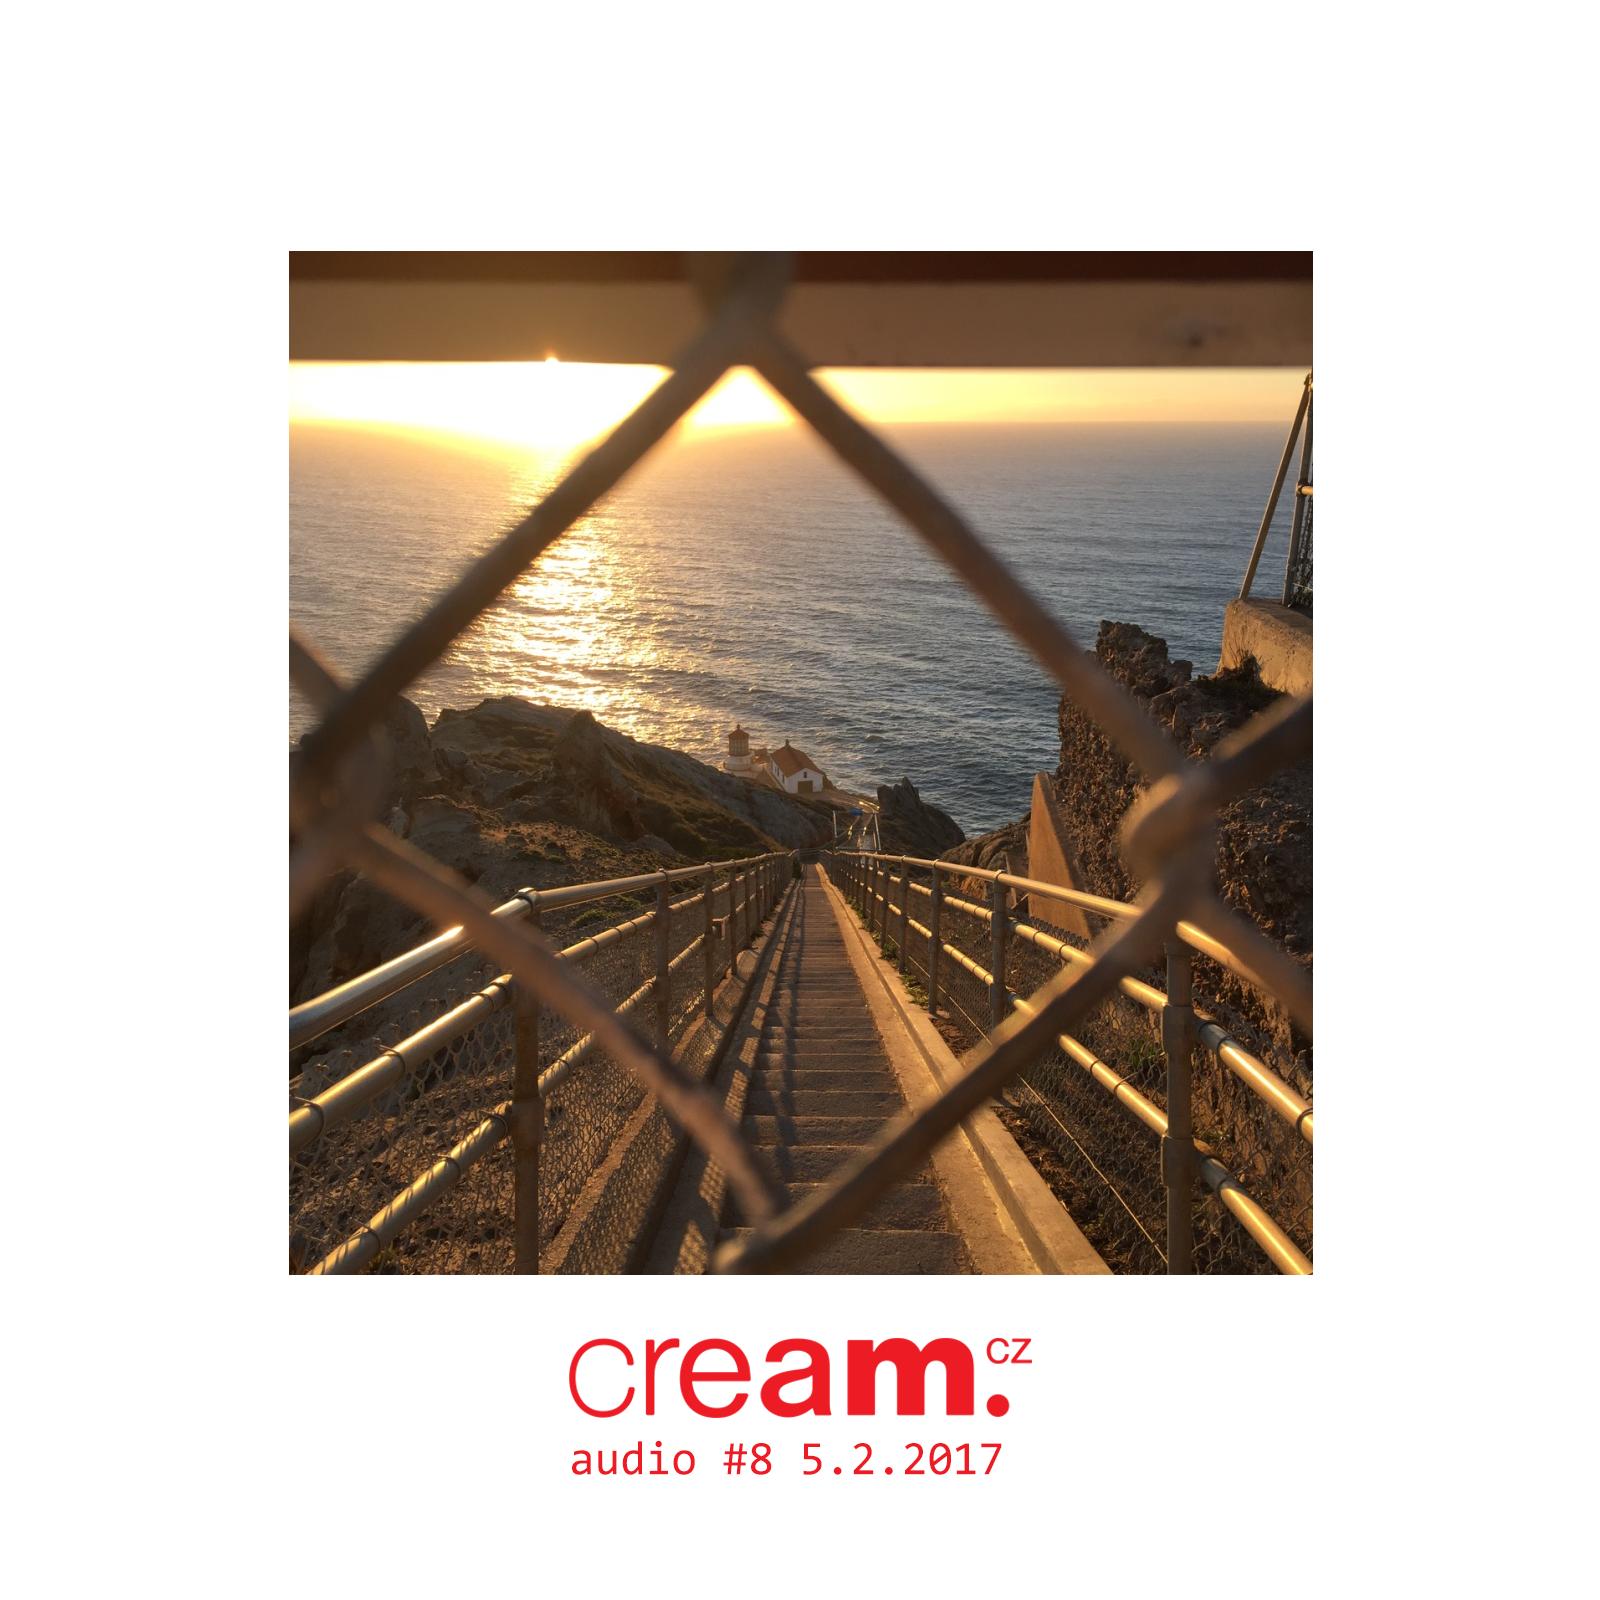 cream.cz audio #10 (5.2.2017) + Petijee interview